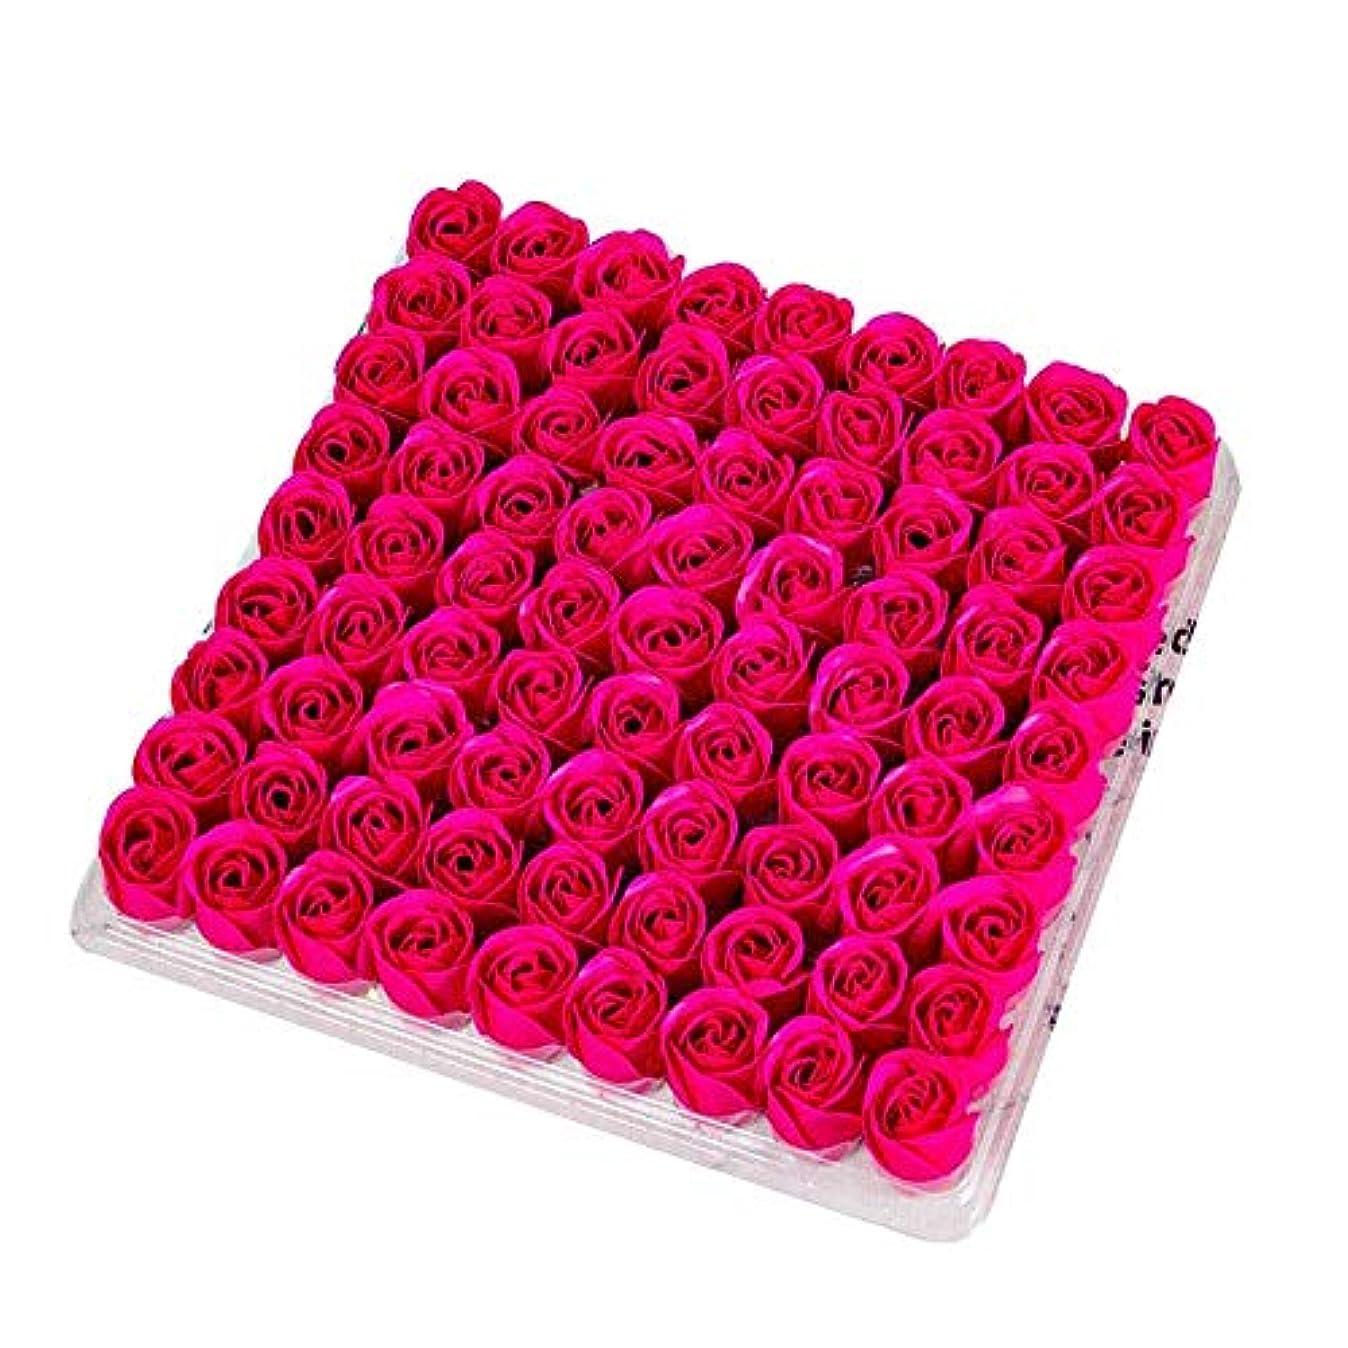 CUHAWUDBA 81個の薔薇、バス ボディ フラワー?フローラルの石けん 香りのよいローズフラワー エッセンシャルオイル フローラルのお客様への石鹸 ウェディング、パーティー、バレンタインデーの贈り物、薔薇、ローズレッド